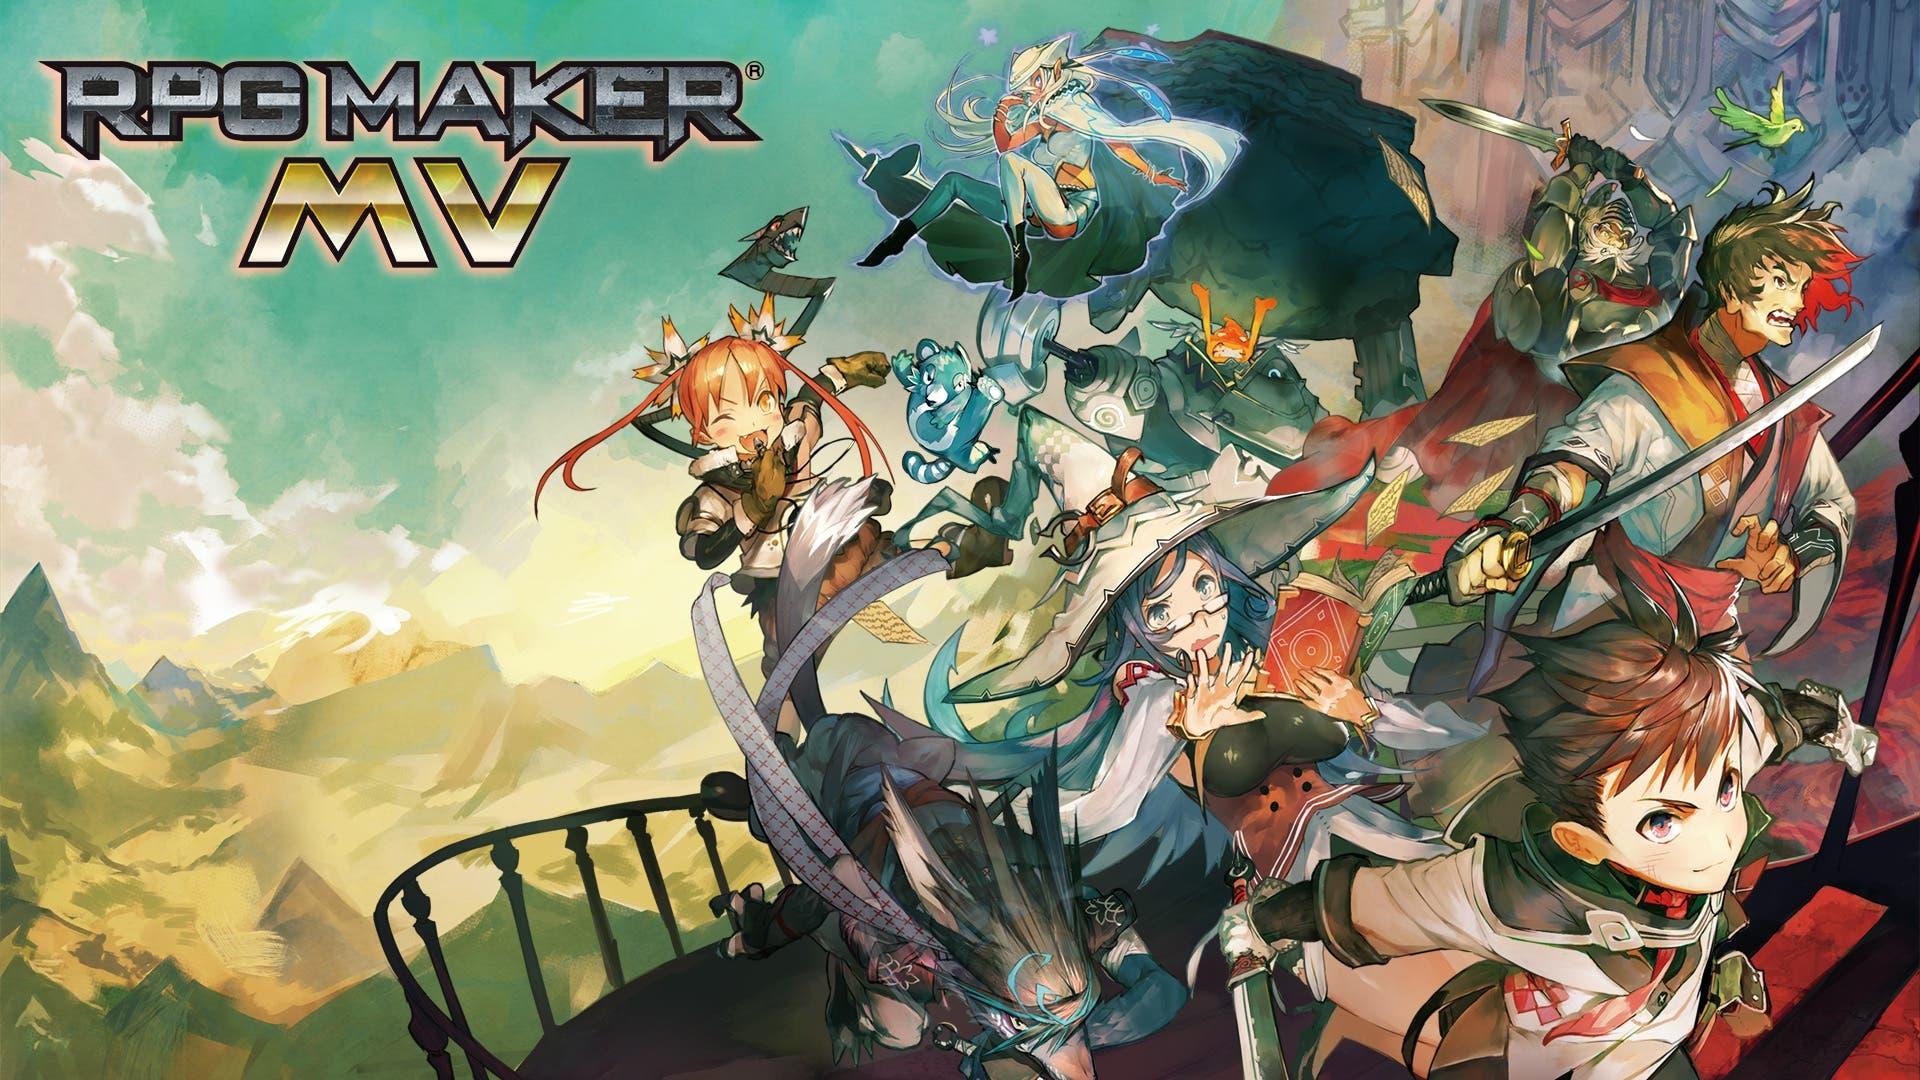 Imagen de RPG Maker MV revela detalles sobre varios temas musicales y las voces de los personajes